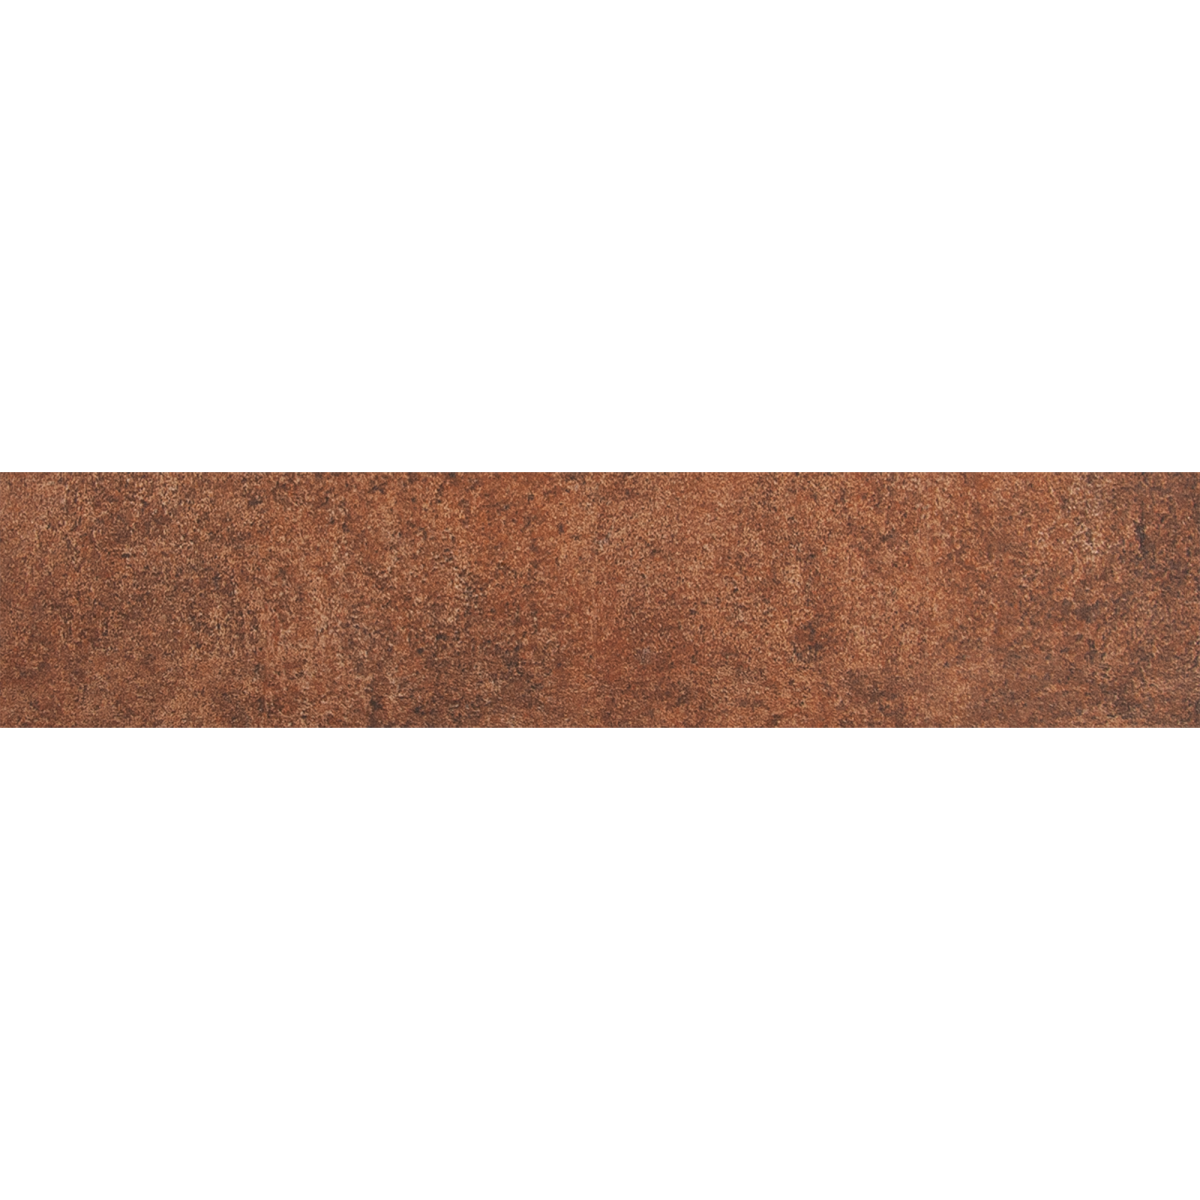 Керамогранит Golden Tile Seven Tones 25х6 см 0.48 м2 цвет коричневый